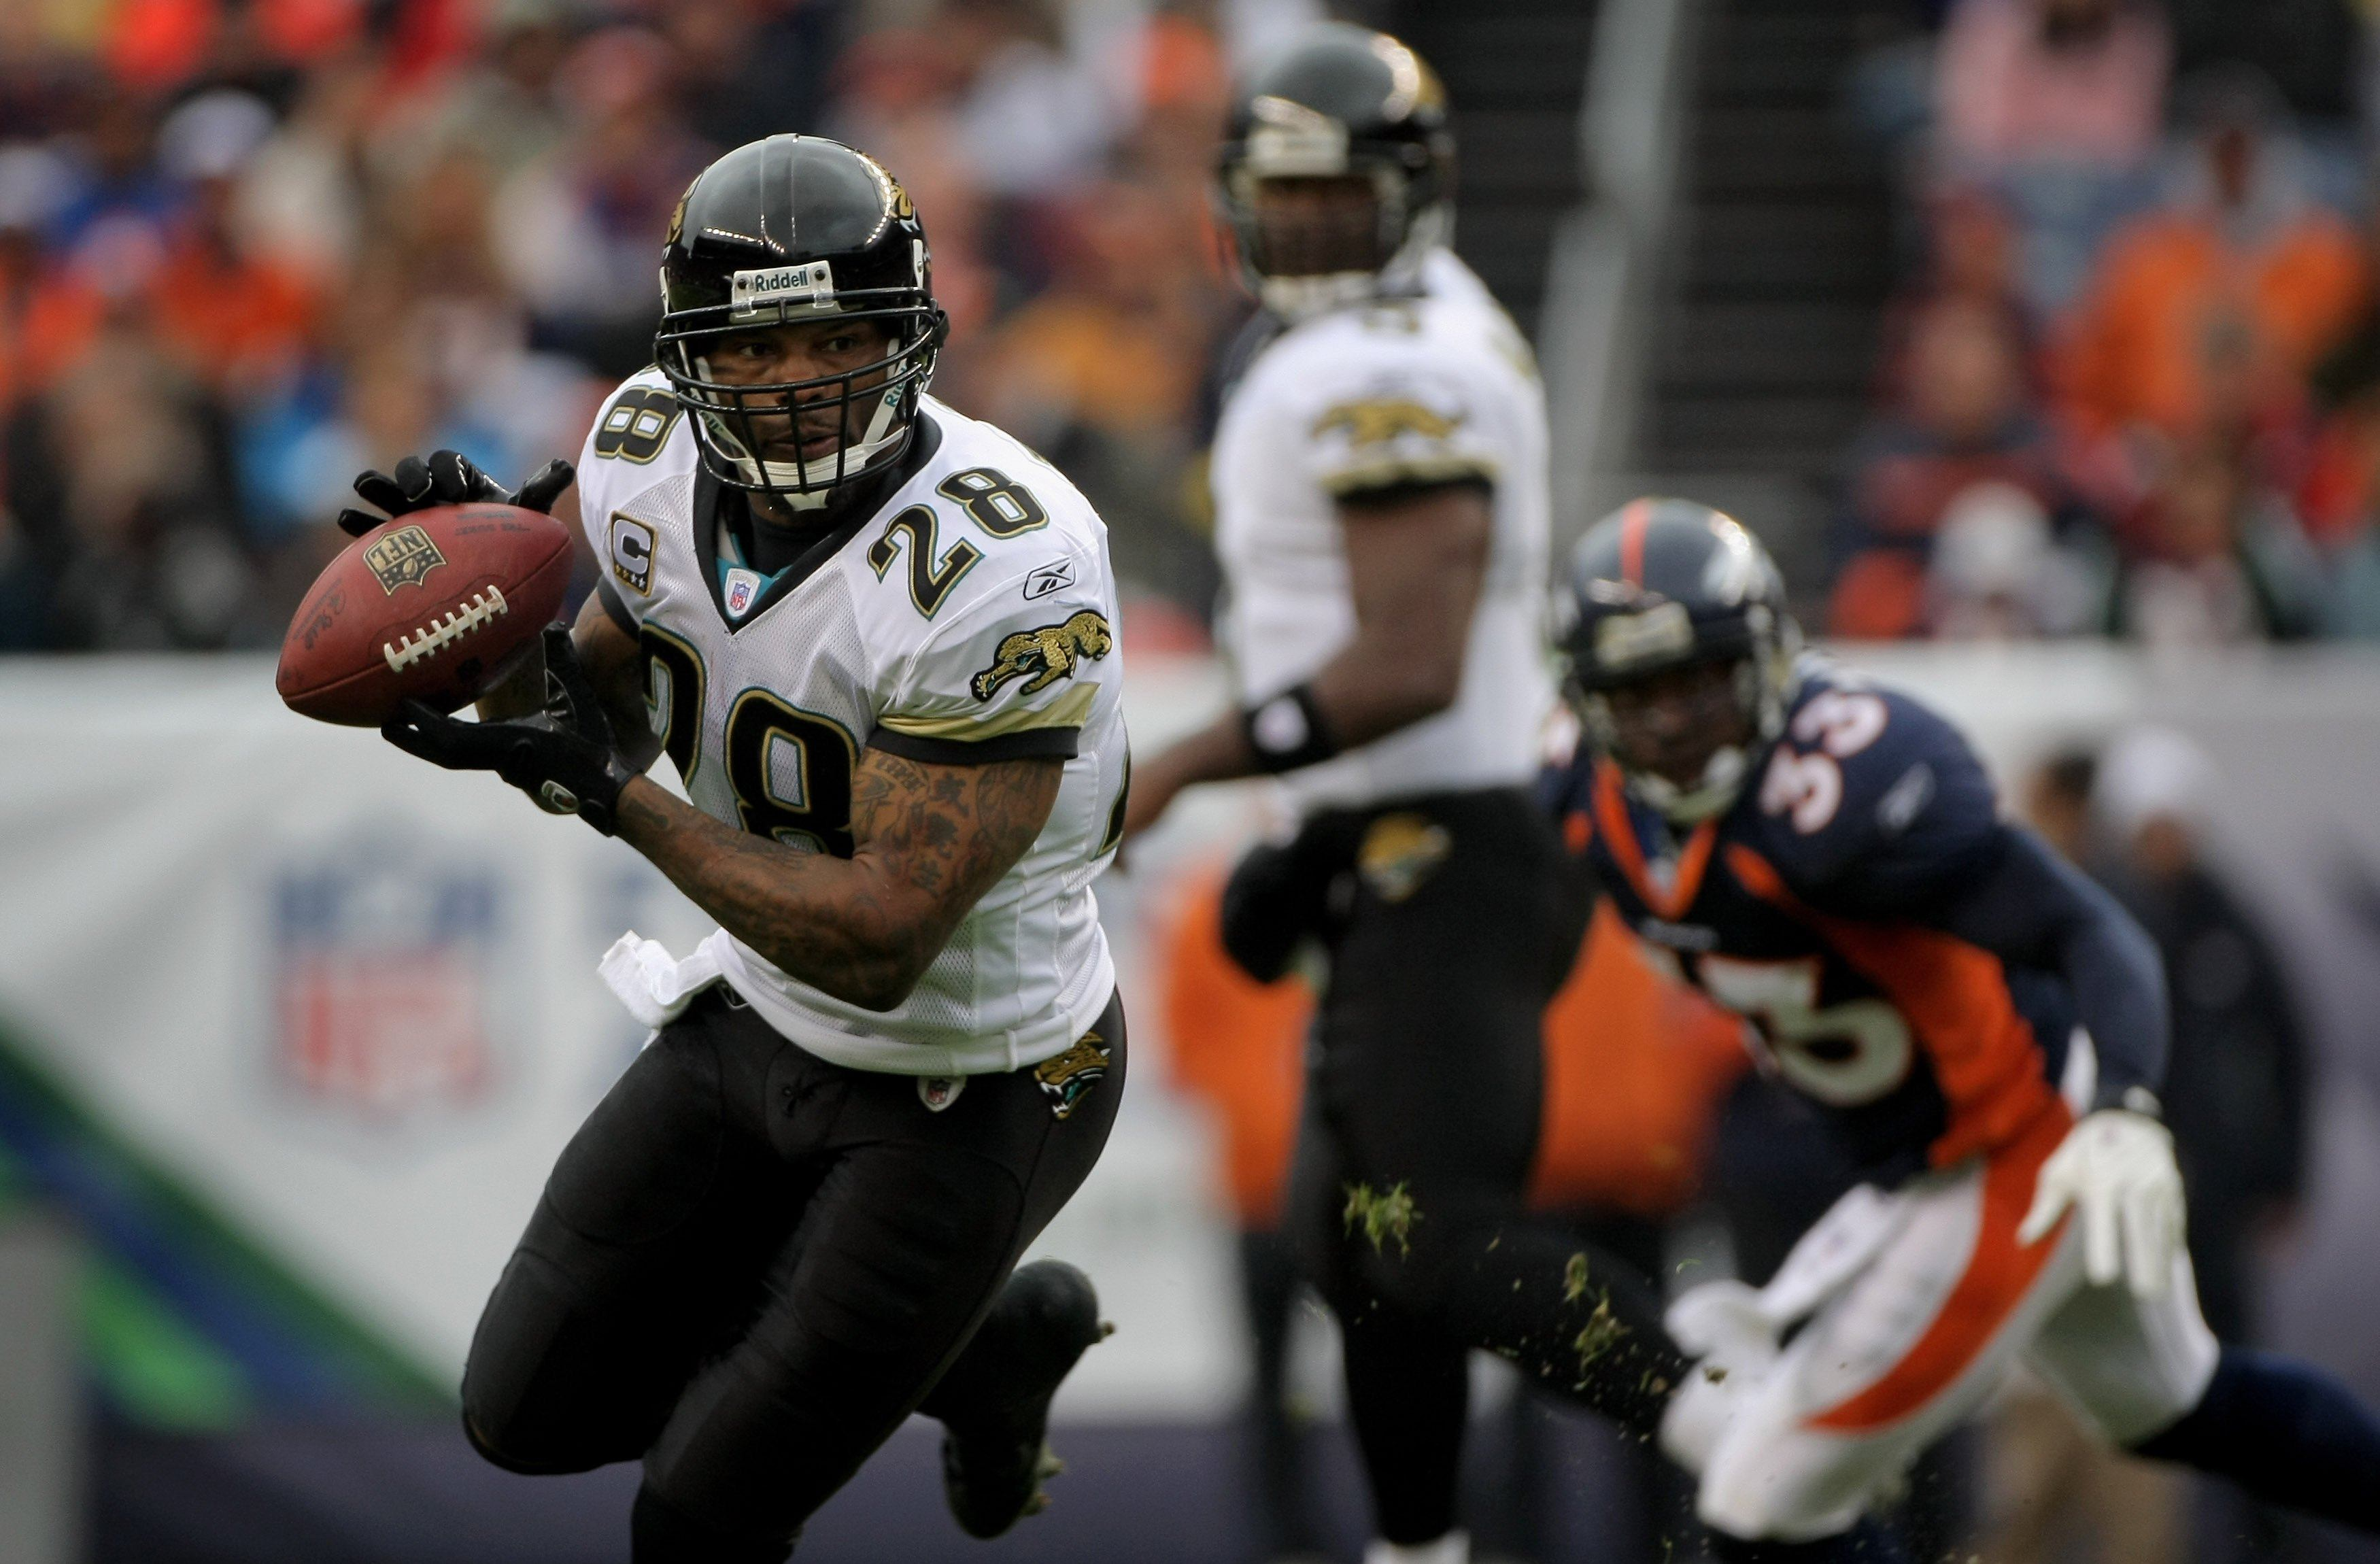 Fred Taylor Jacksonville Jaguars